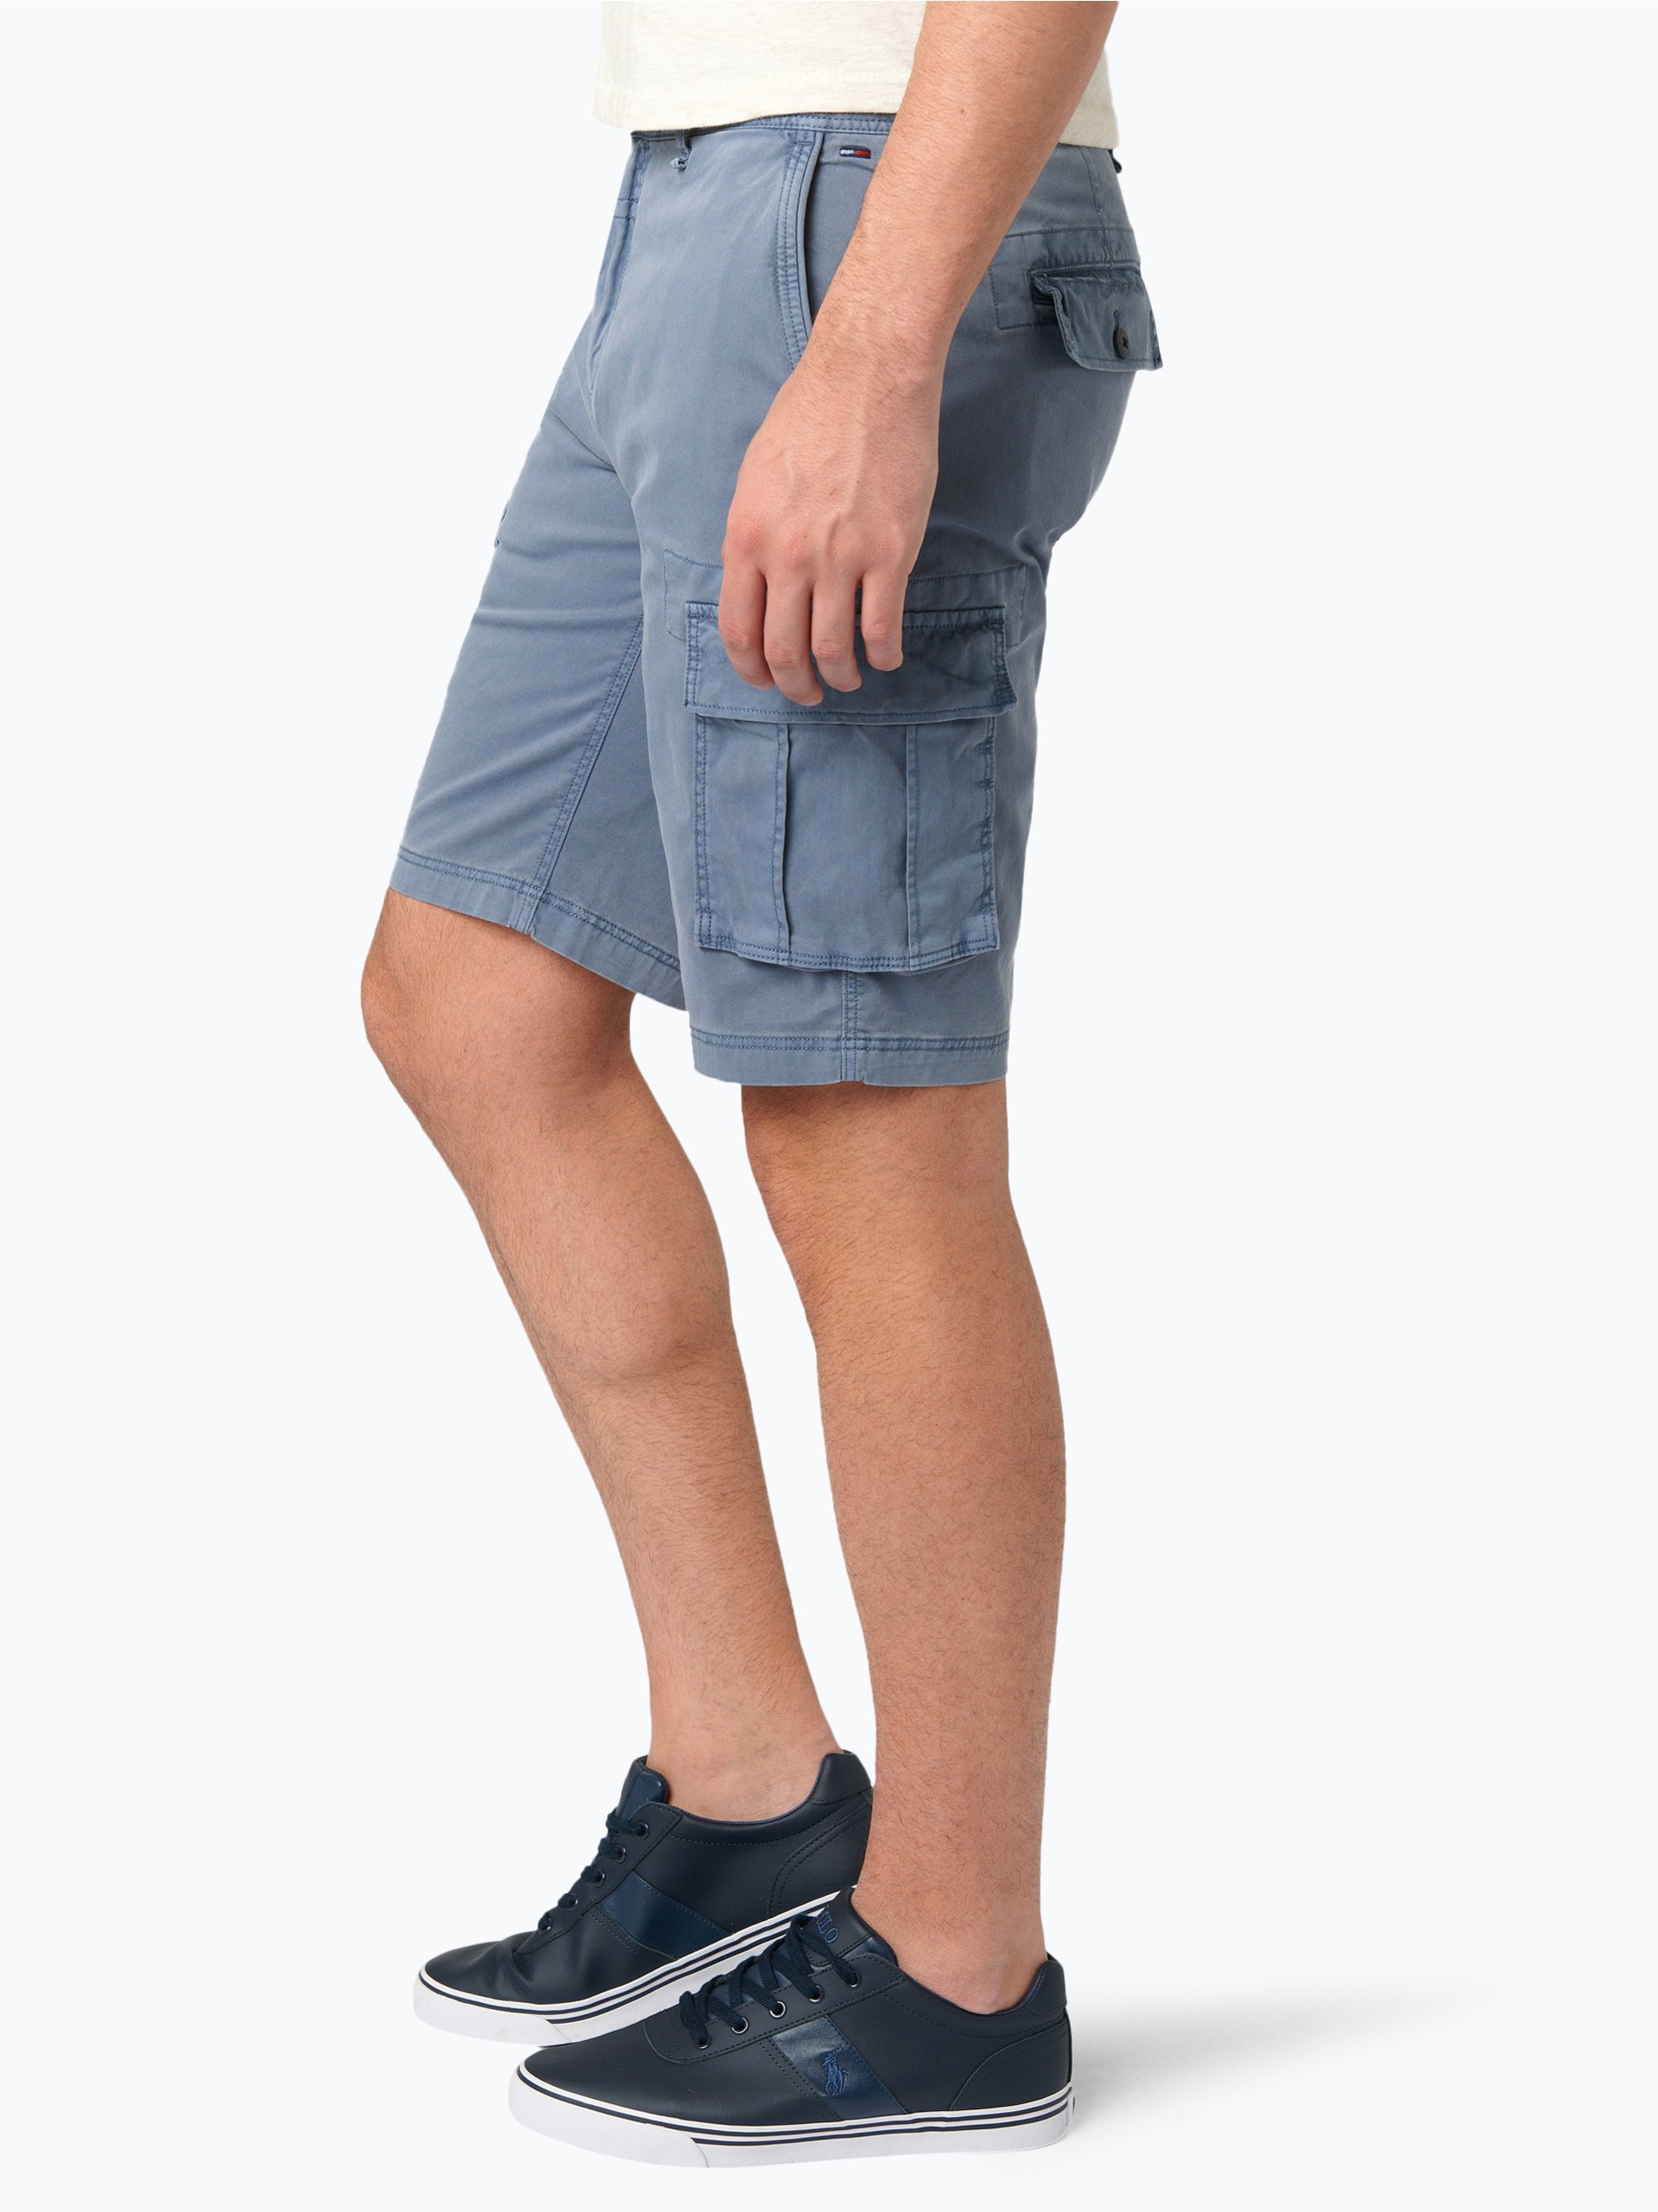 tommy jeans herren bermuda 2 online kaufen peek und cloppenburg de. Black Bedroom Furniture Sets. Home Design Ideas